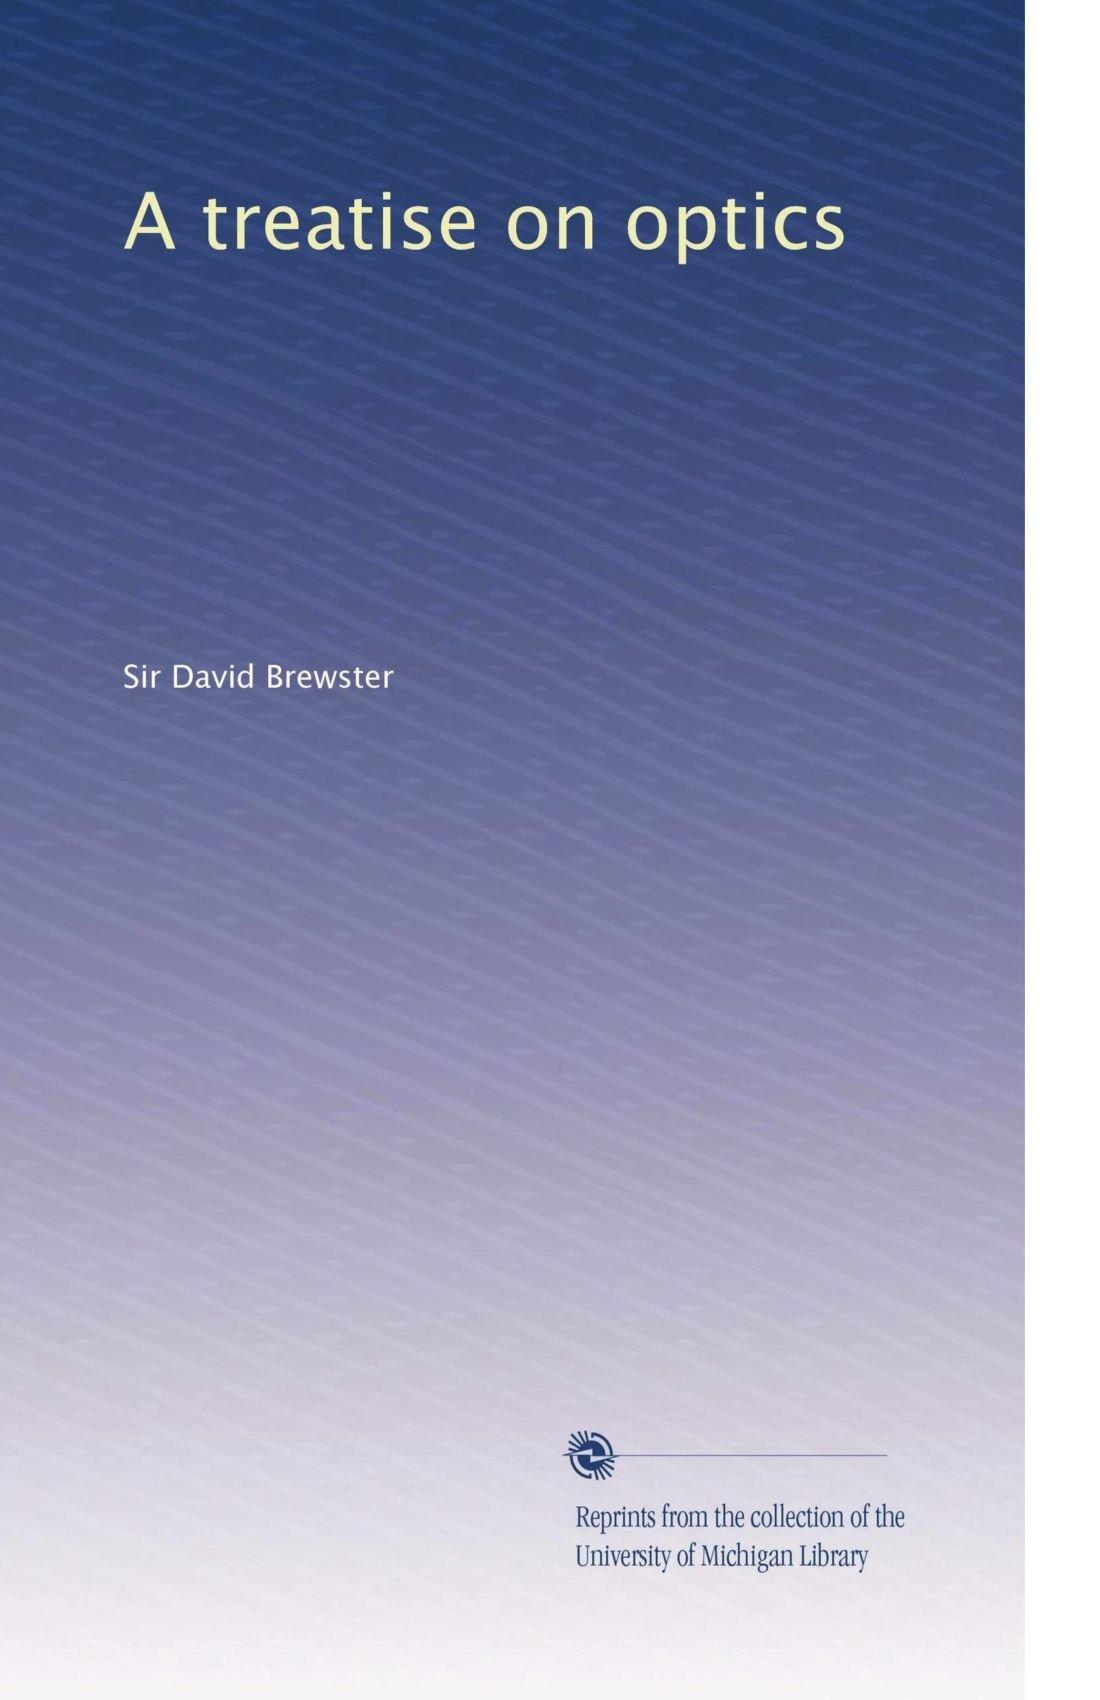 A treatise on optics pdf